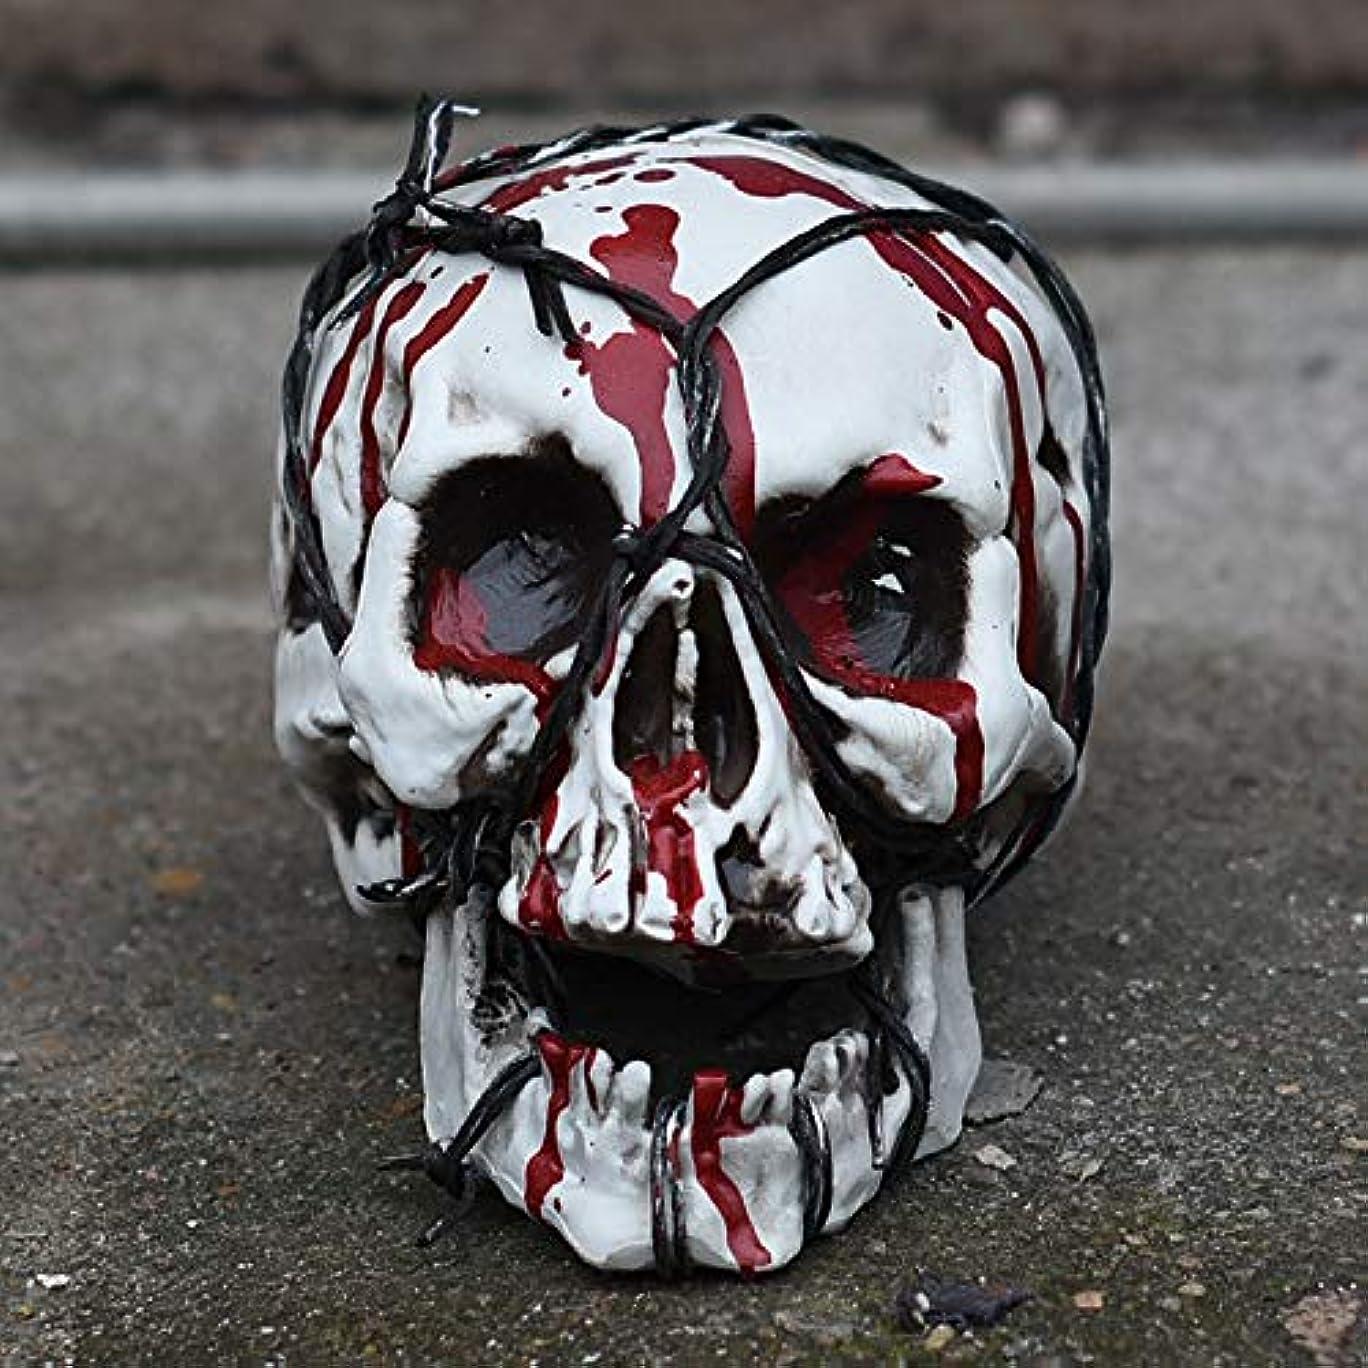 才能のある遅らせる無駄ETRRUU HOME ハロウィーンシミュレーション人間の骨モデルホラースカル装飾ルームお化け屋敷バーコスプレ装飾小道具